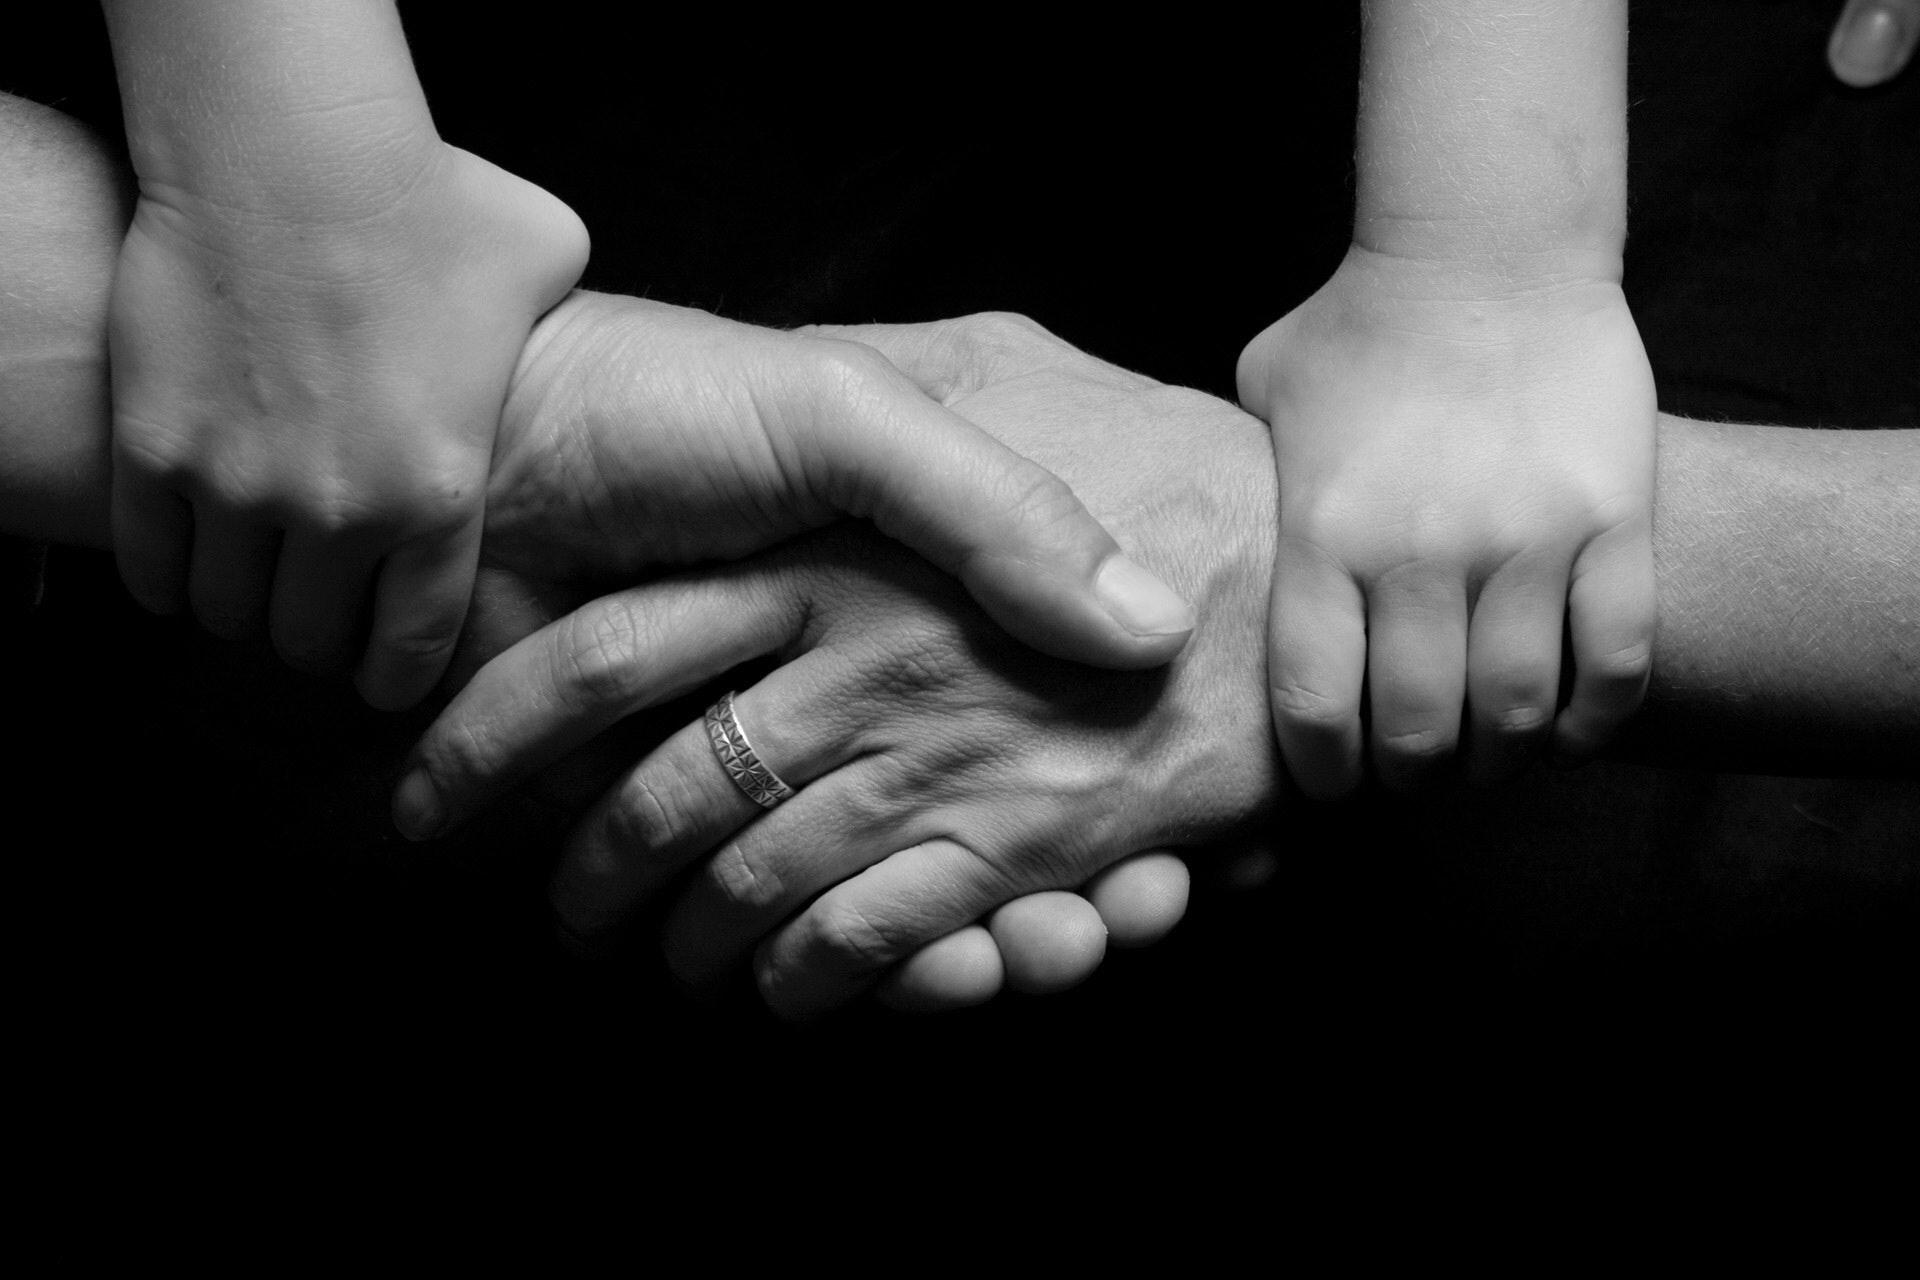 Three pairs of hands interlocked in a handshake